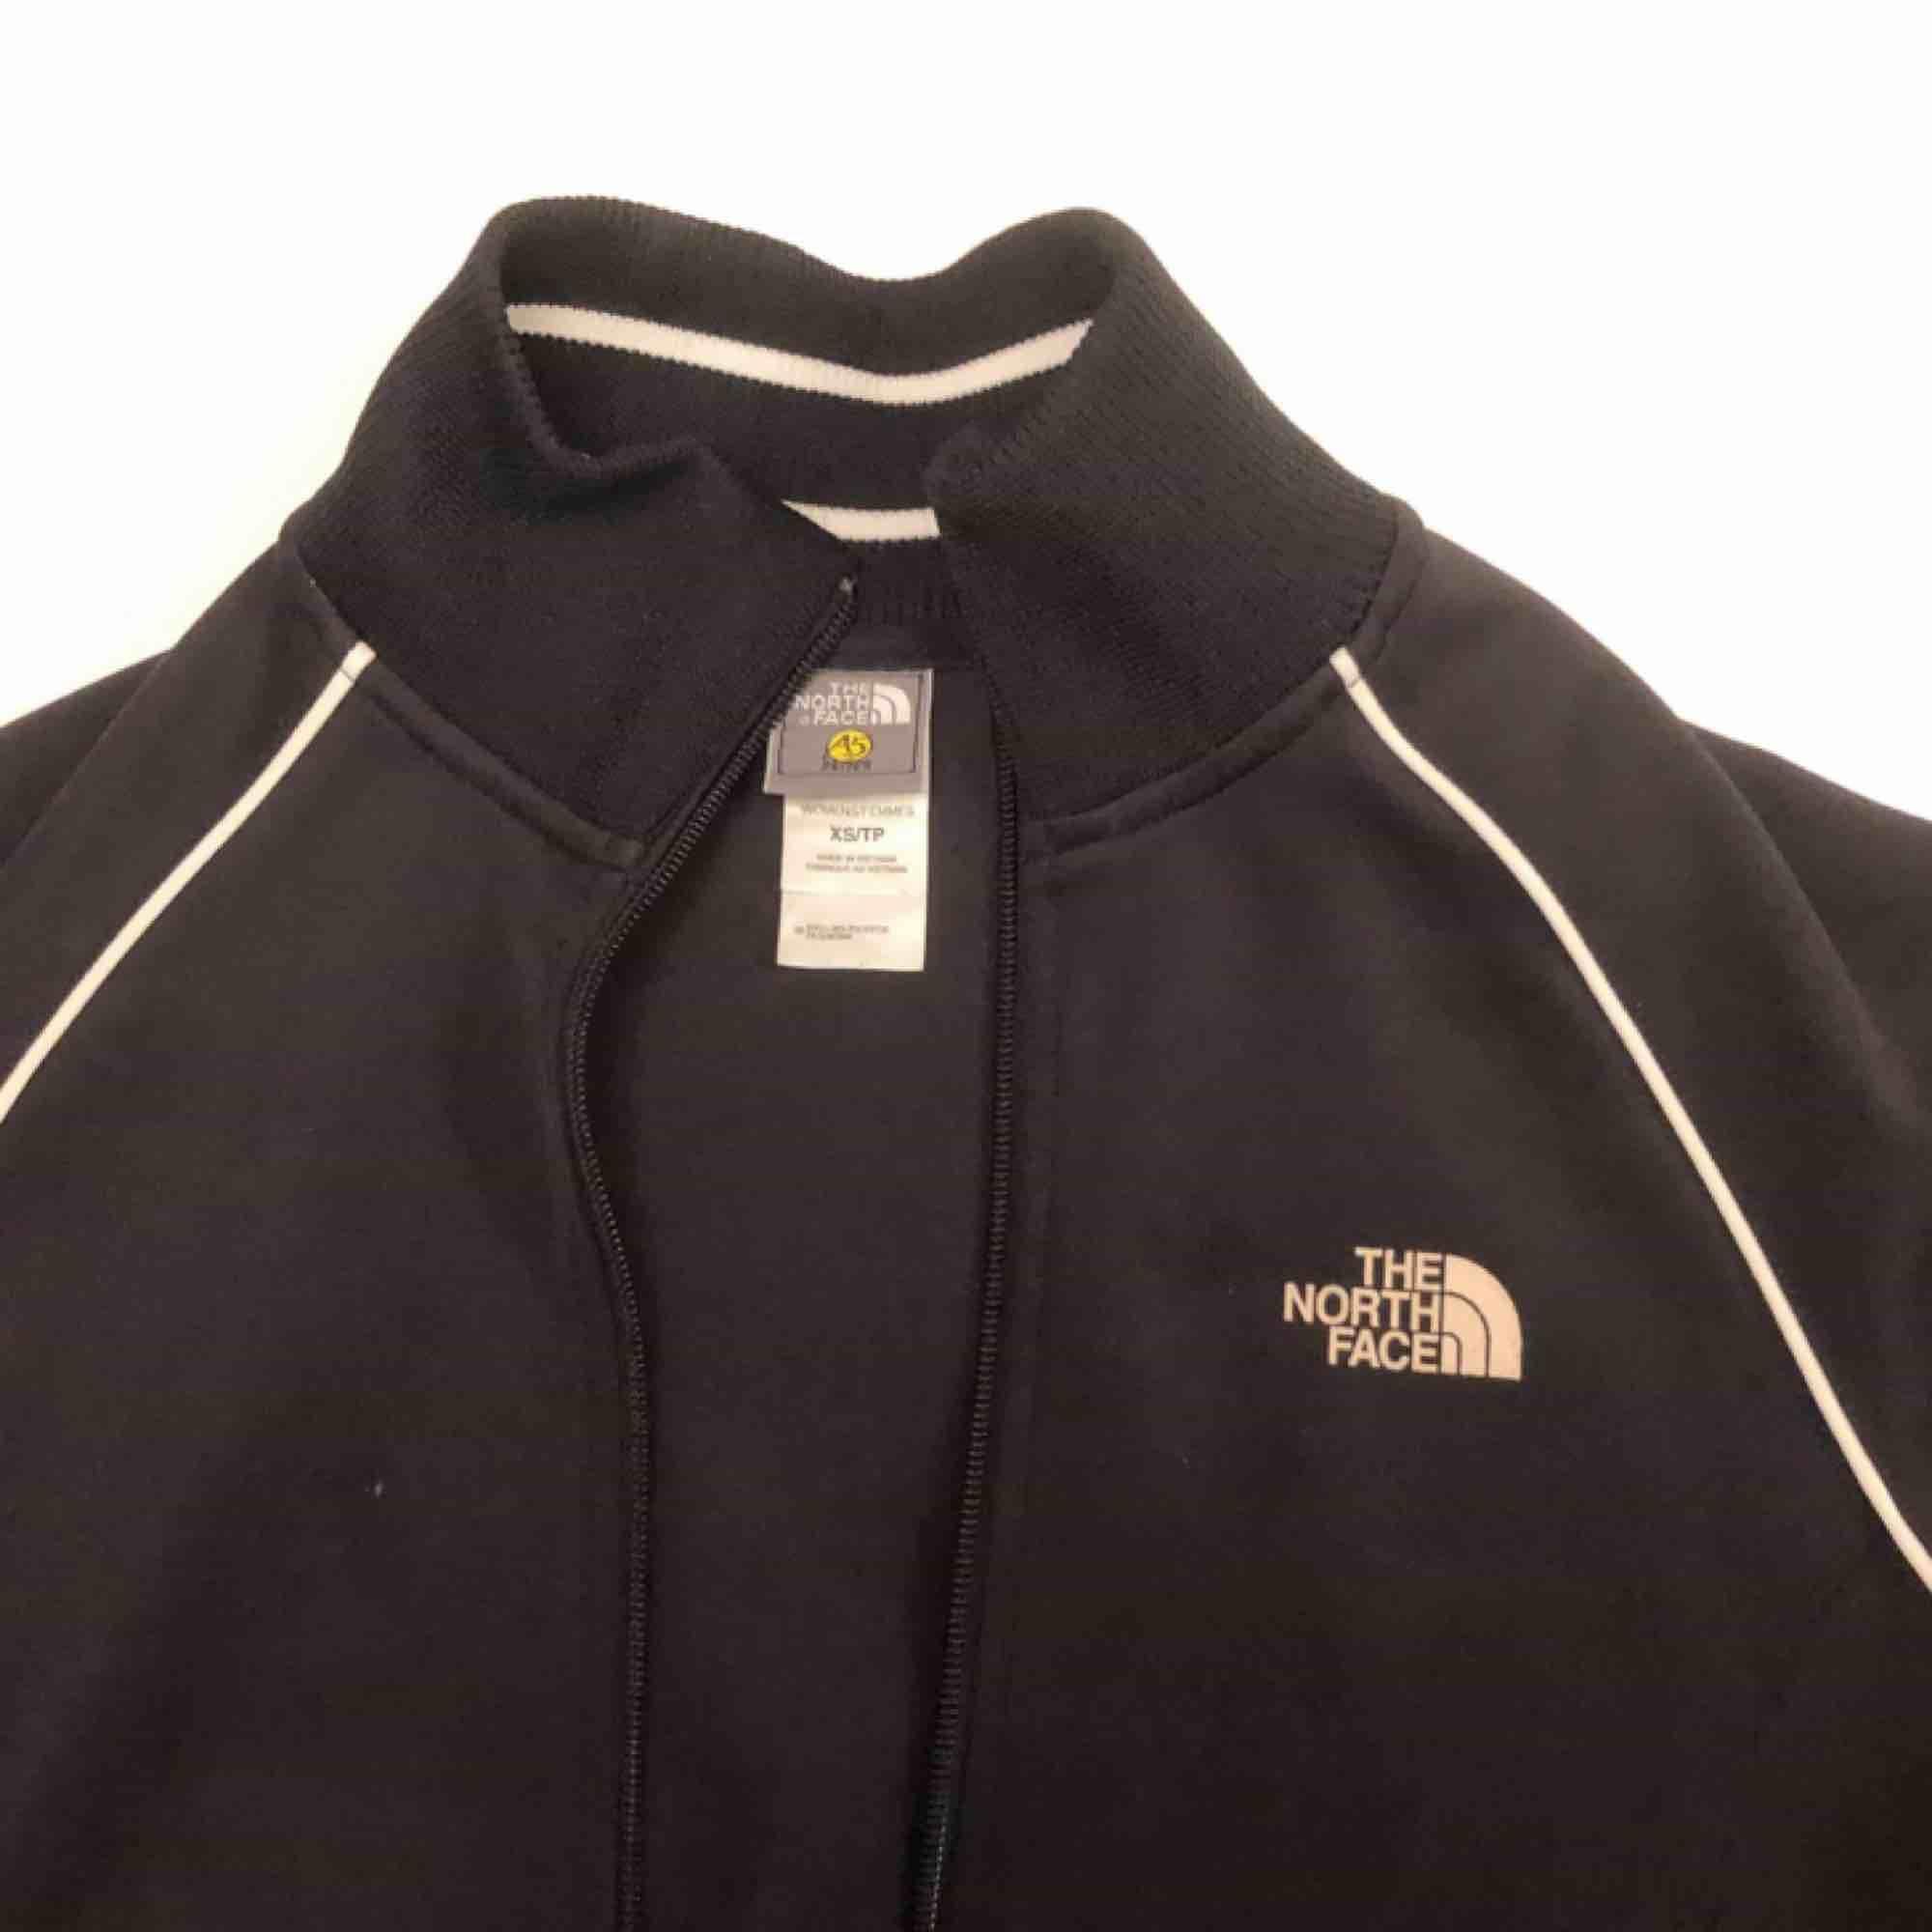 Sportig the north face tröja/jacka. Köpt på Asos Marketplace. Helt ok skick. Inte använd av mig särskilt mycket men är vintage. 90kr inkl. Frakt. Tröjor & Koftor.